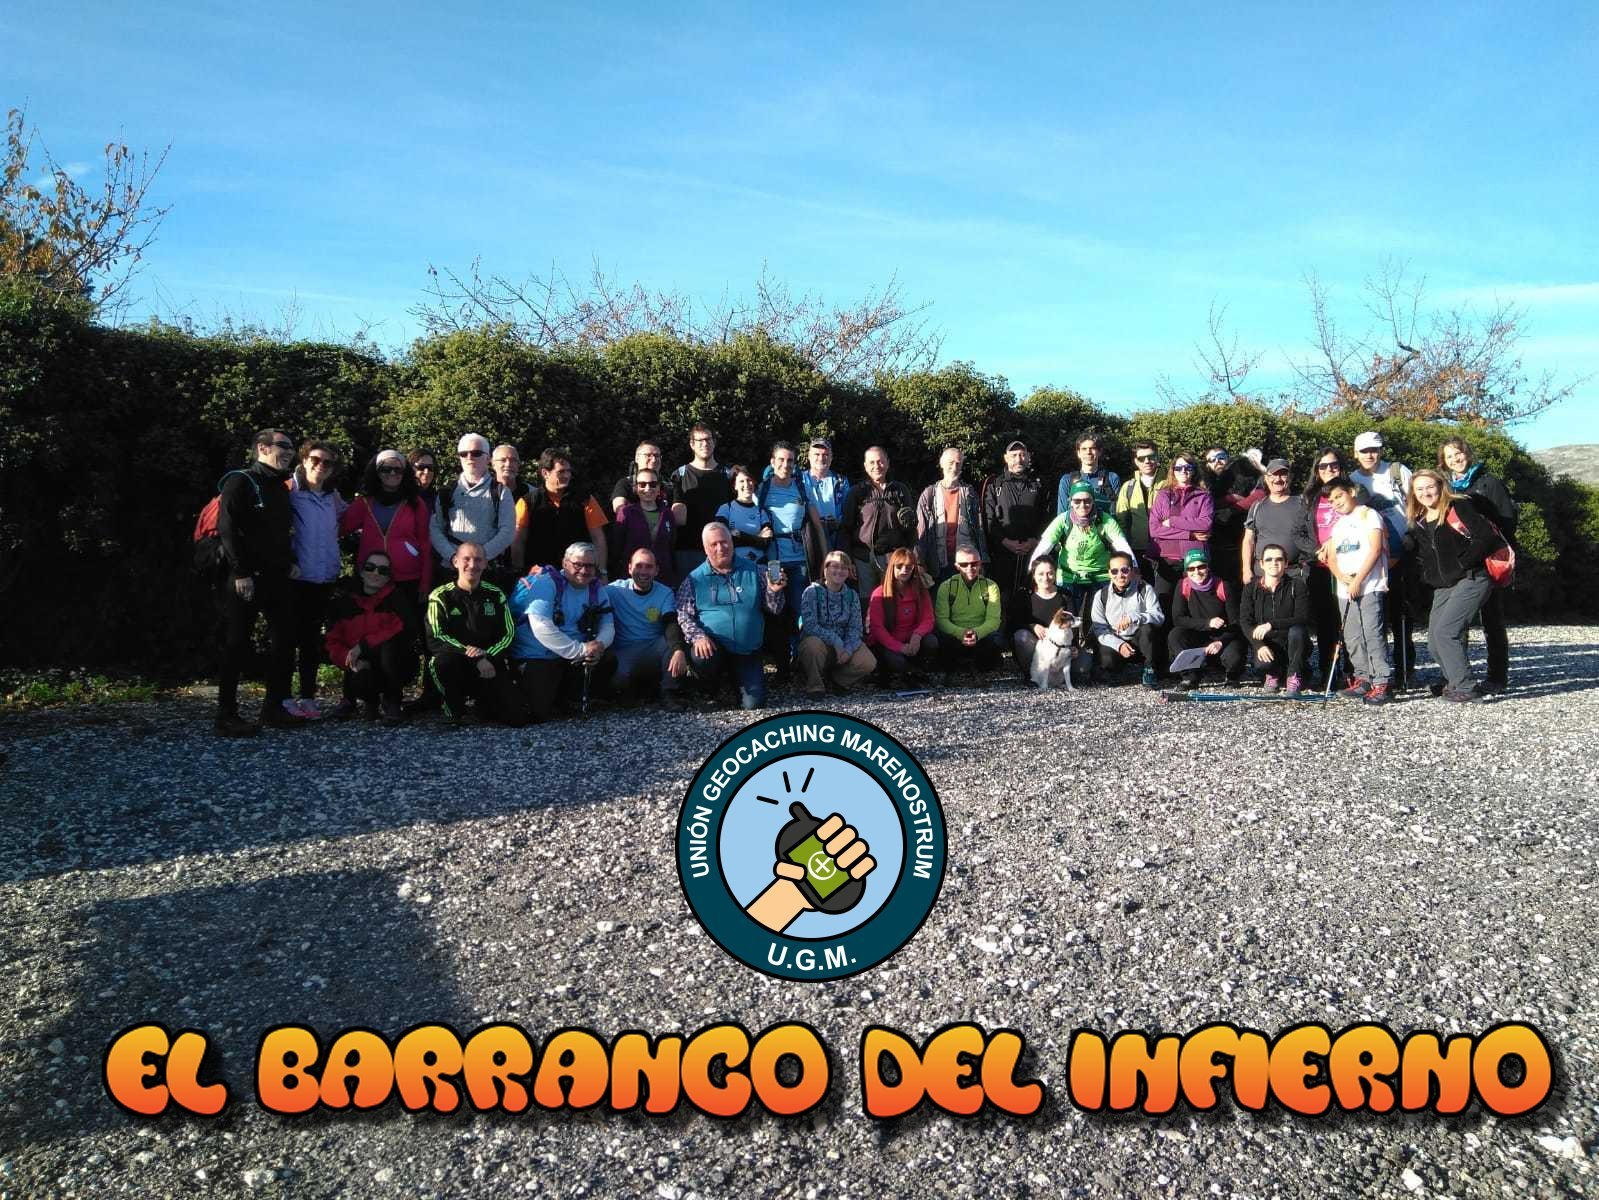 GC81EW0 U G M en el Barranco del Infierno (Traditional Cache